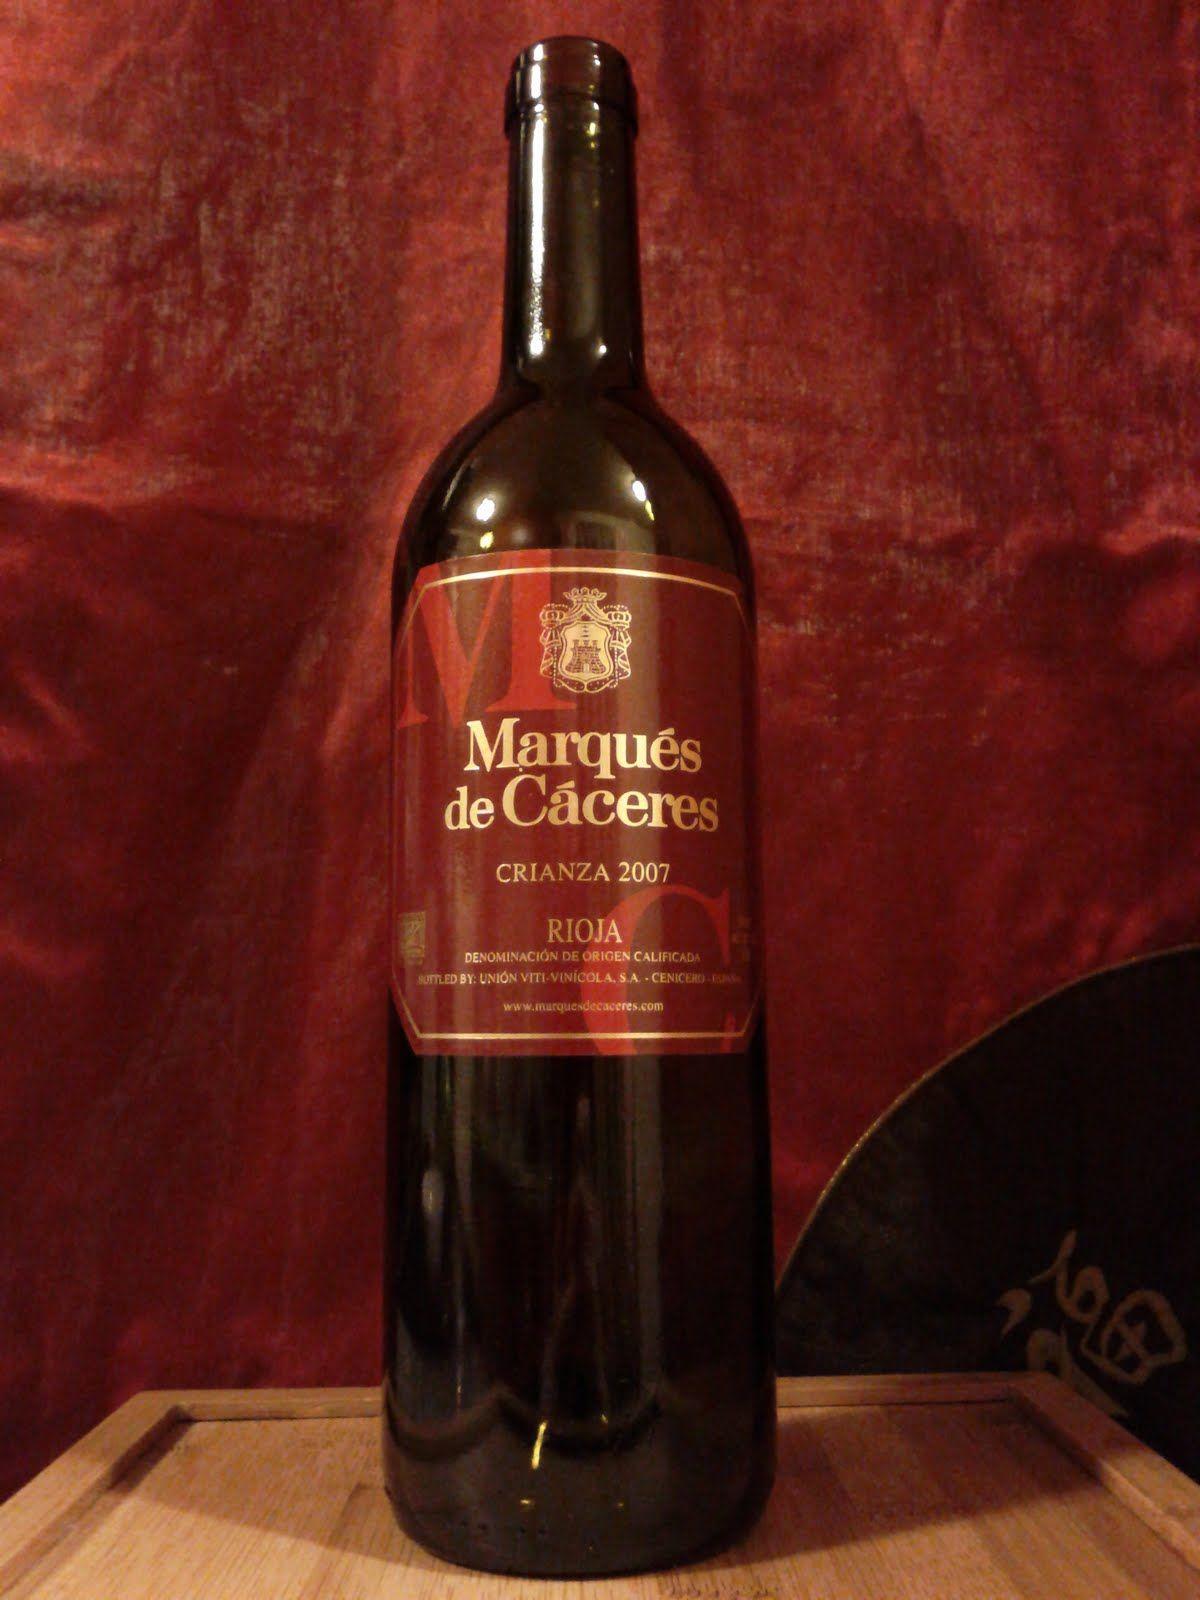 2007 Marques De Caceres Rioja Vinhos